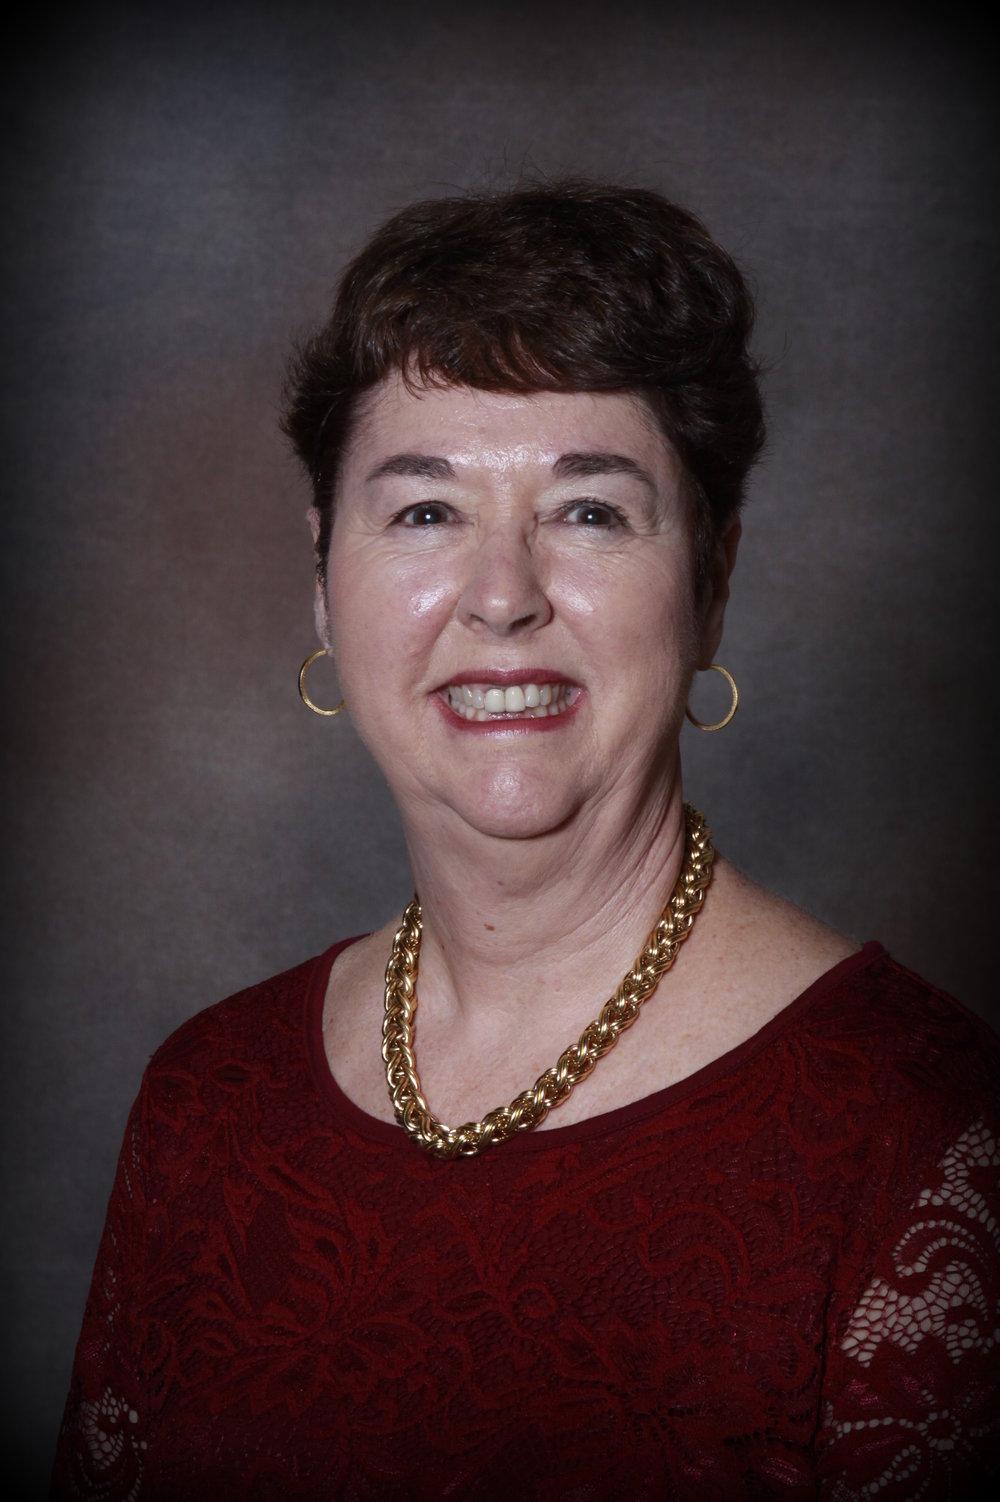 Connie Niehart